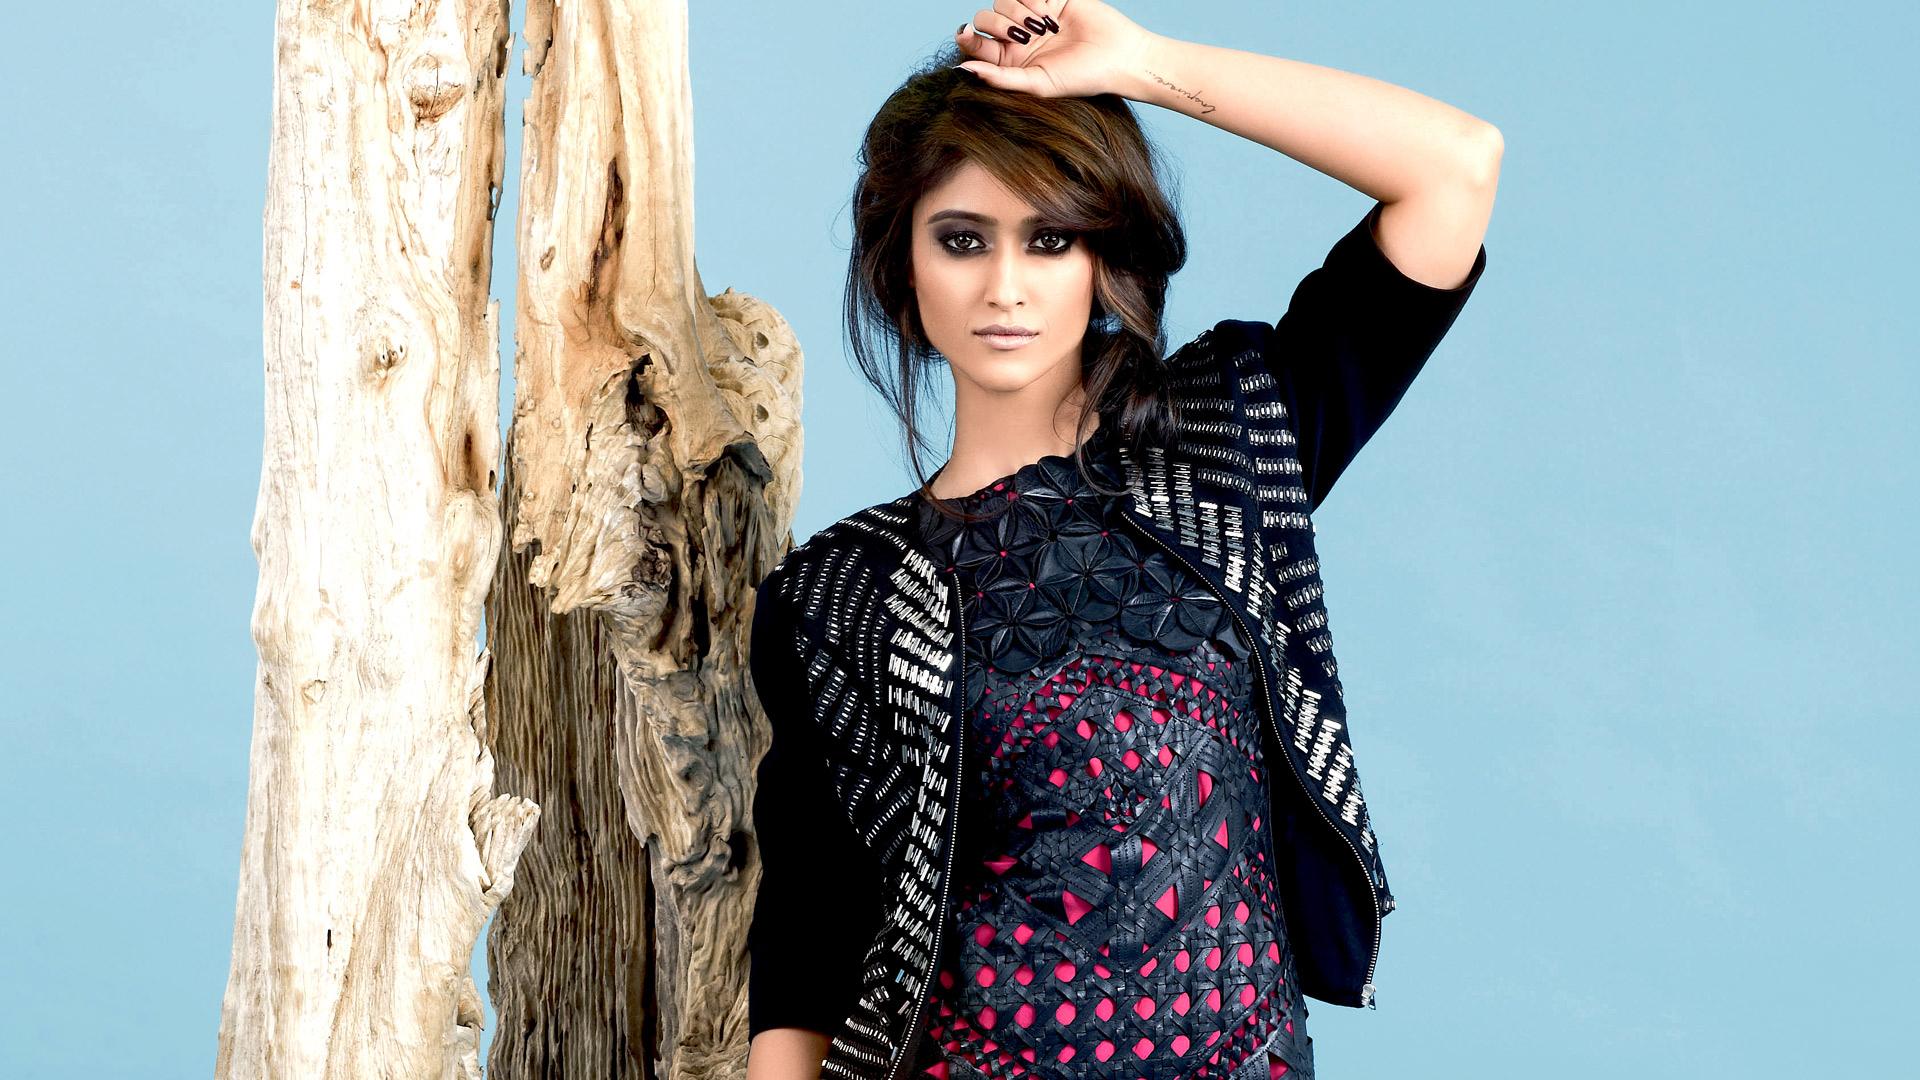 Saif Ali Khan Hd Wallpaper Facebook Covers For Ileana D Cruz Popopics Com